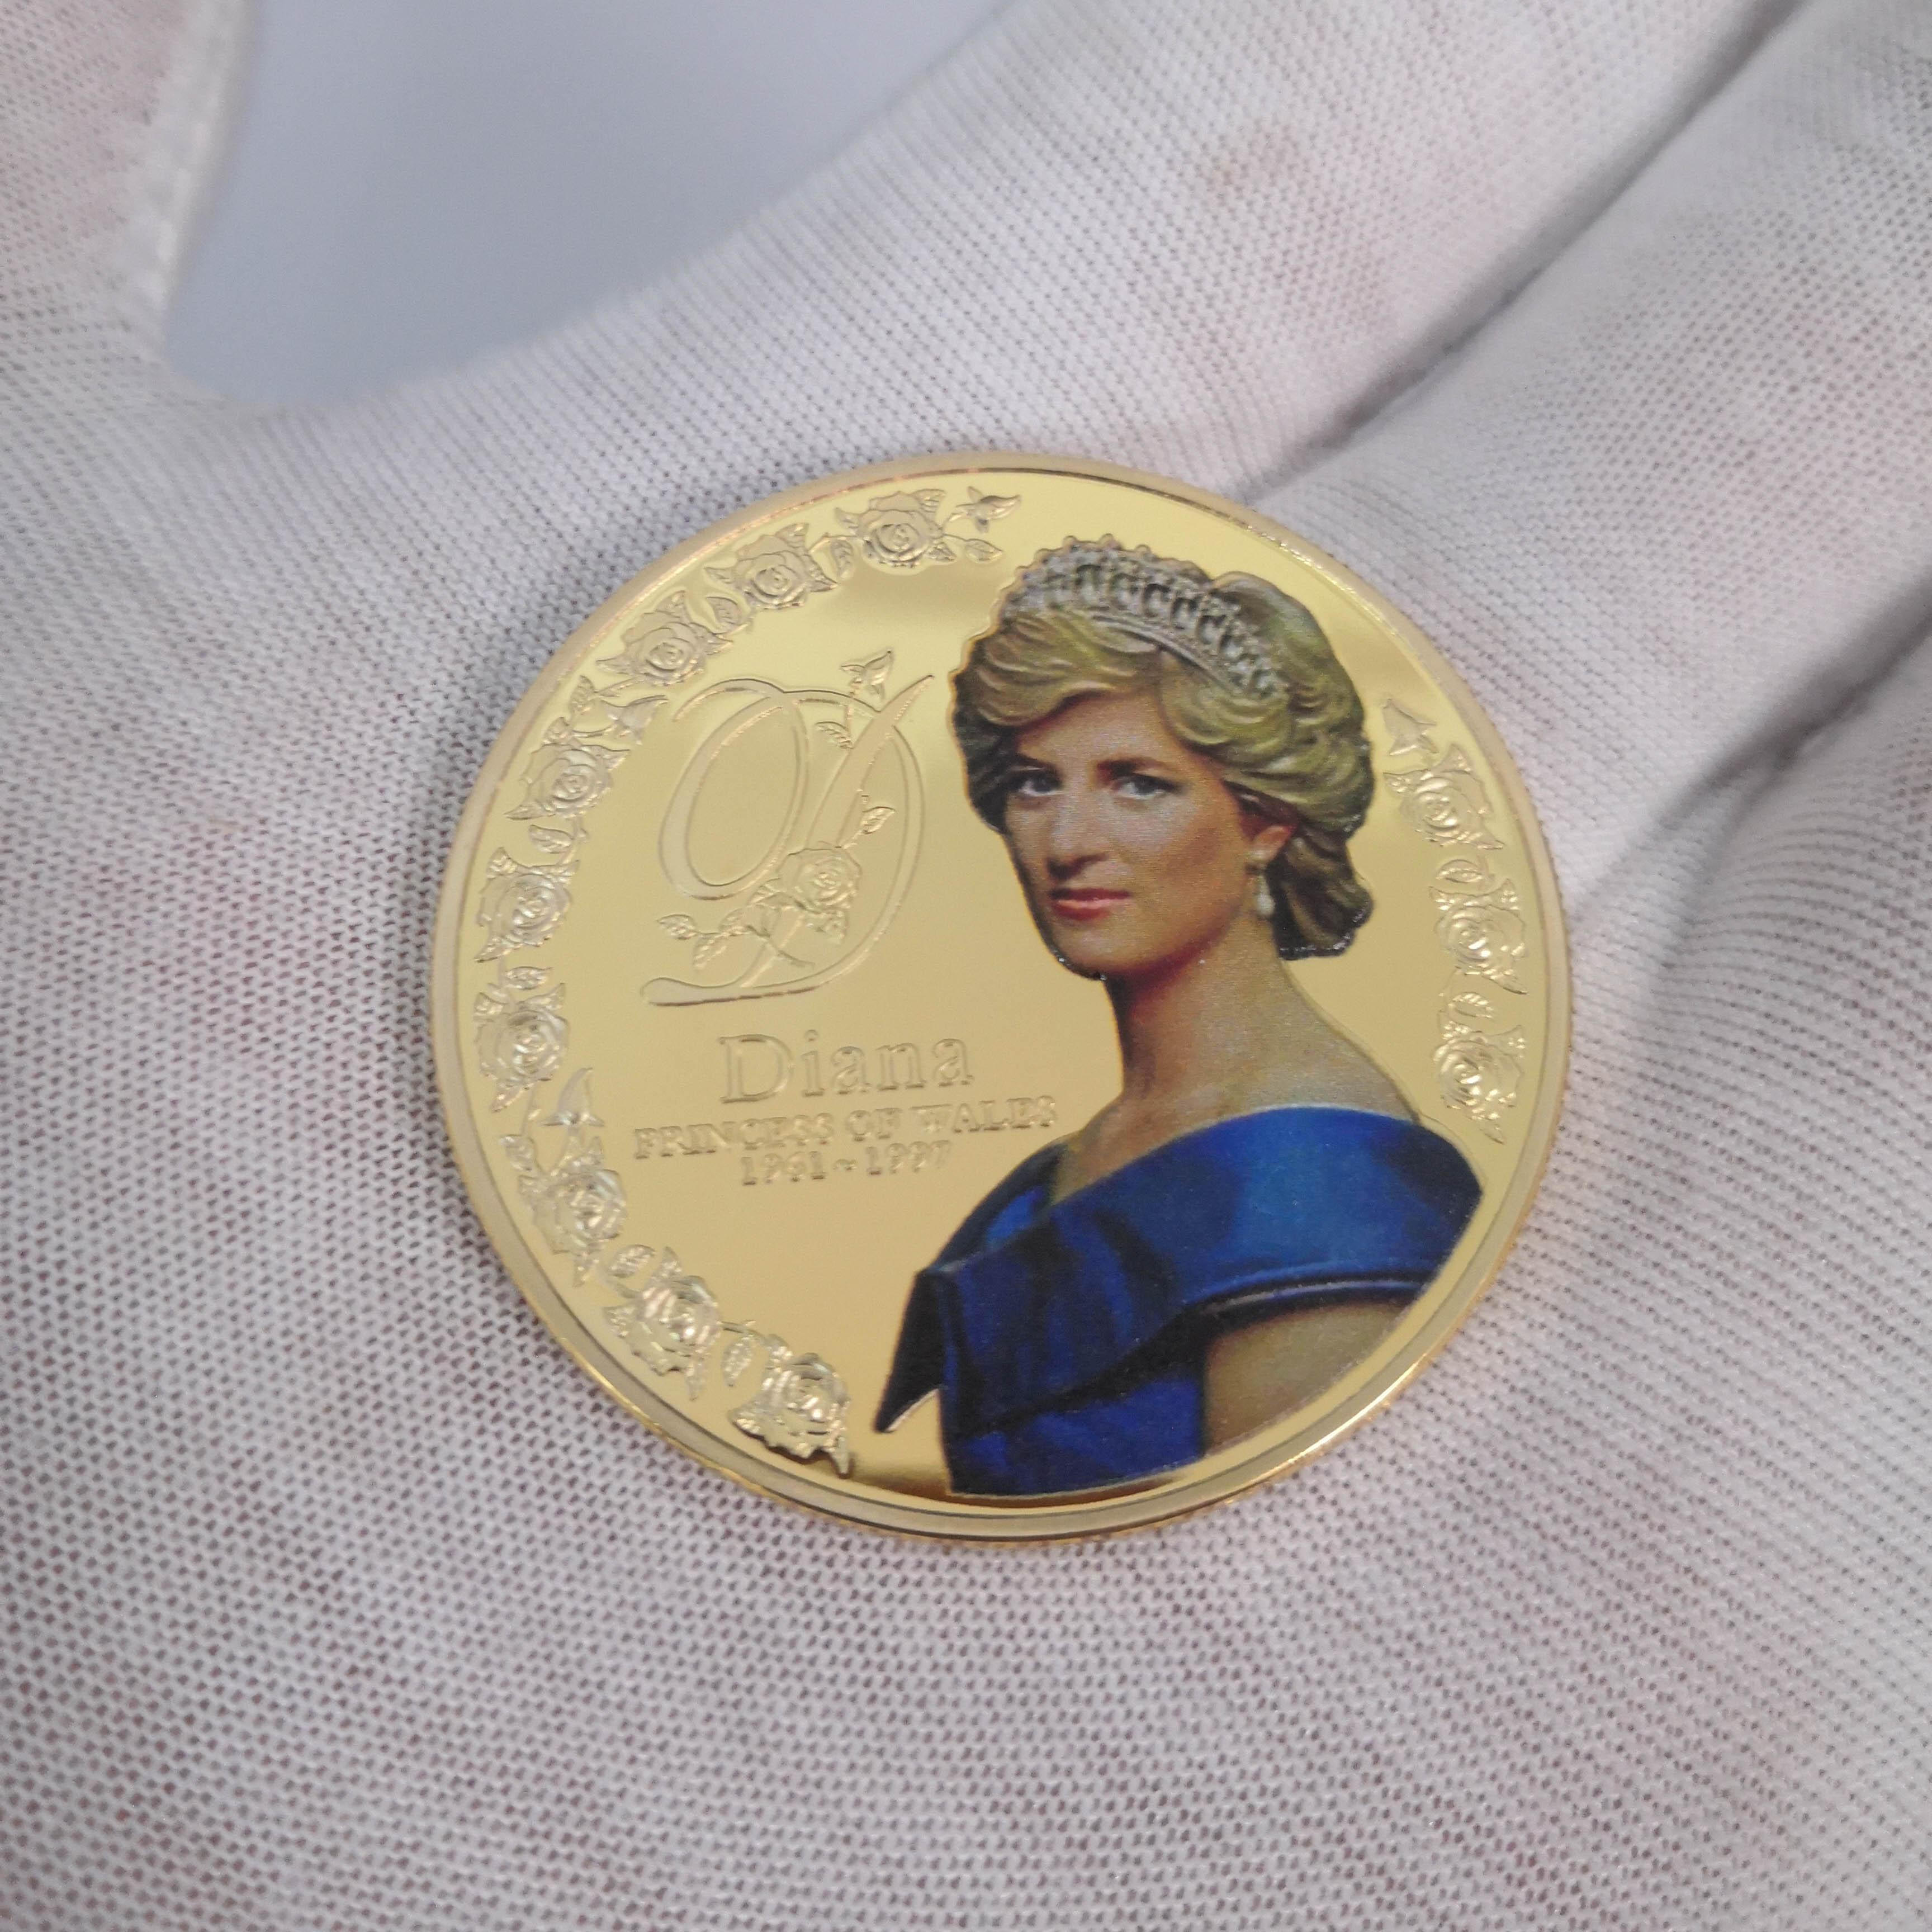 Pièce commémorative de la princesse Diana en métal plaqué or, Vintage, artisanat de Collection, cadeau souvenir